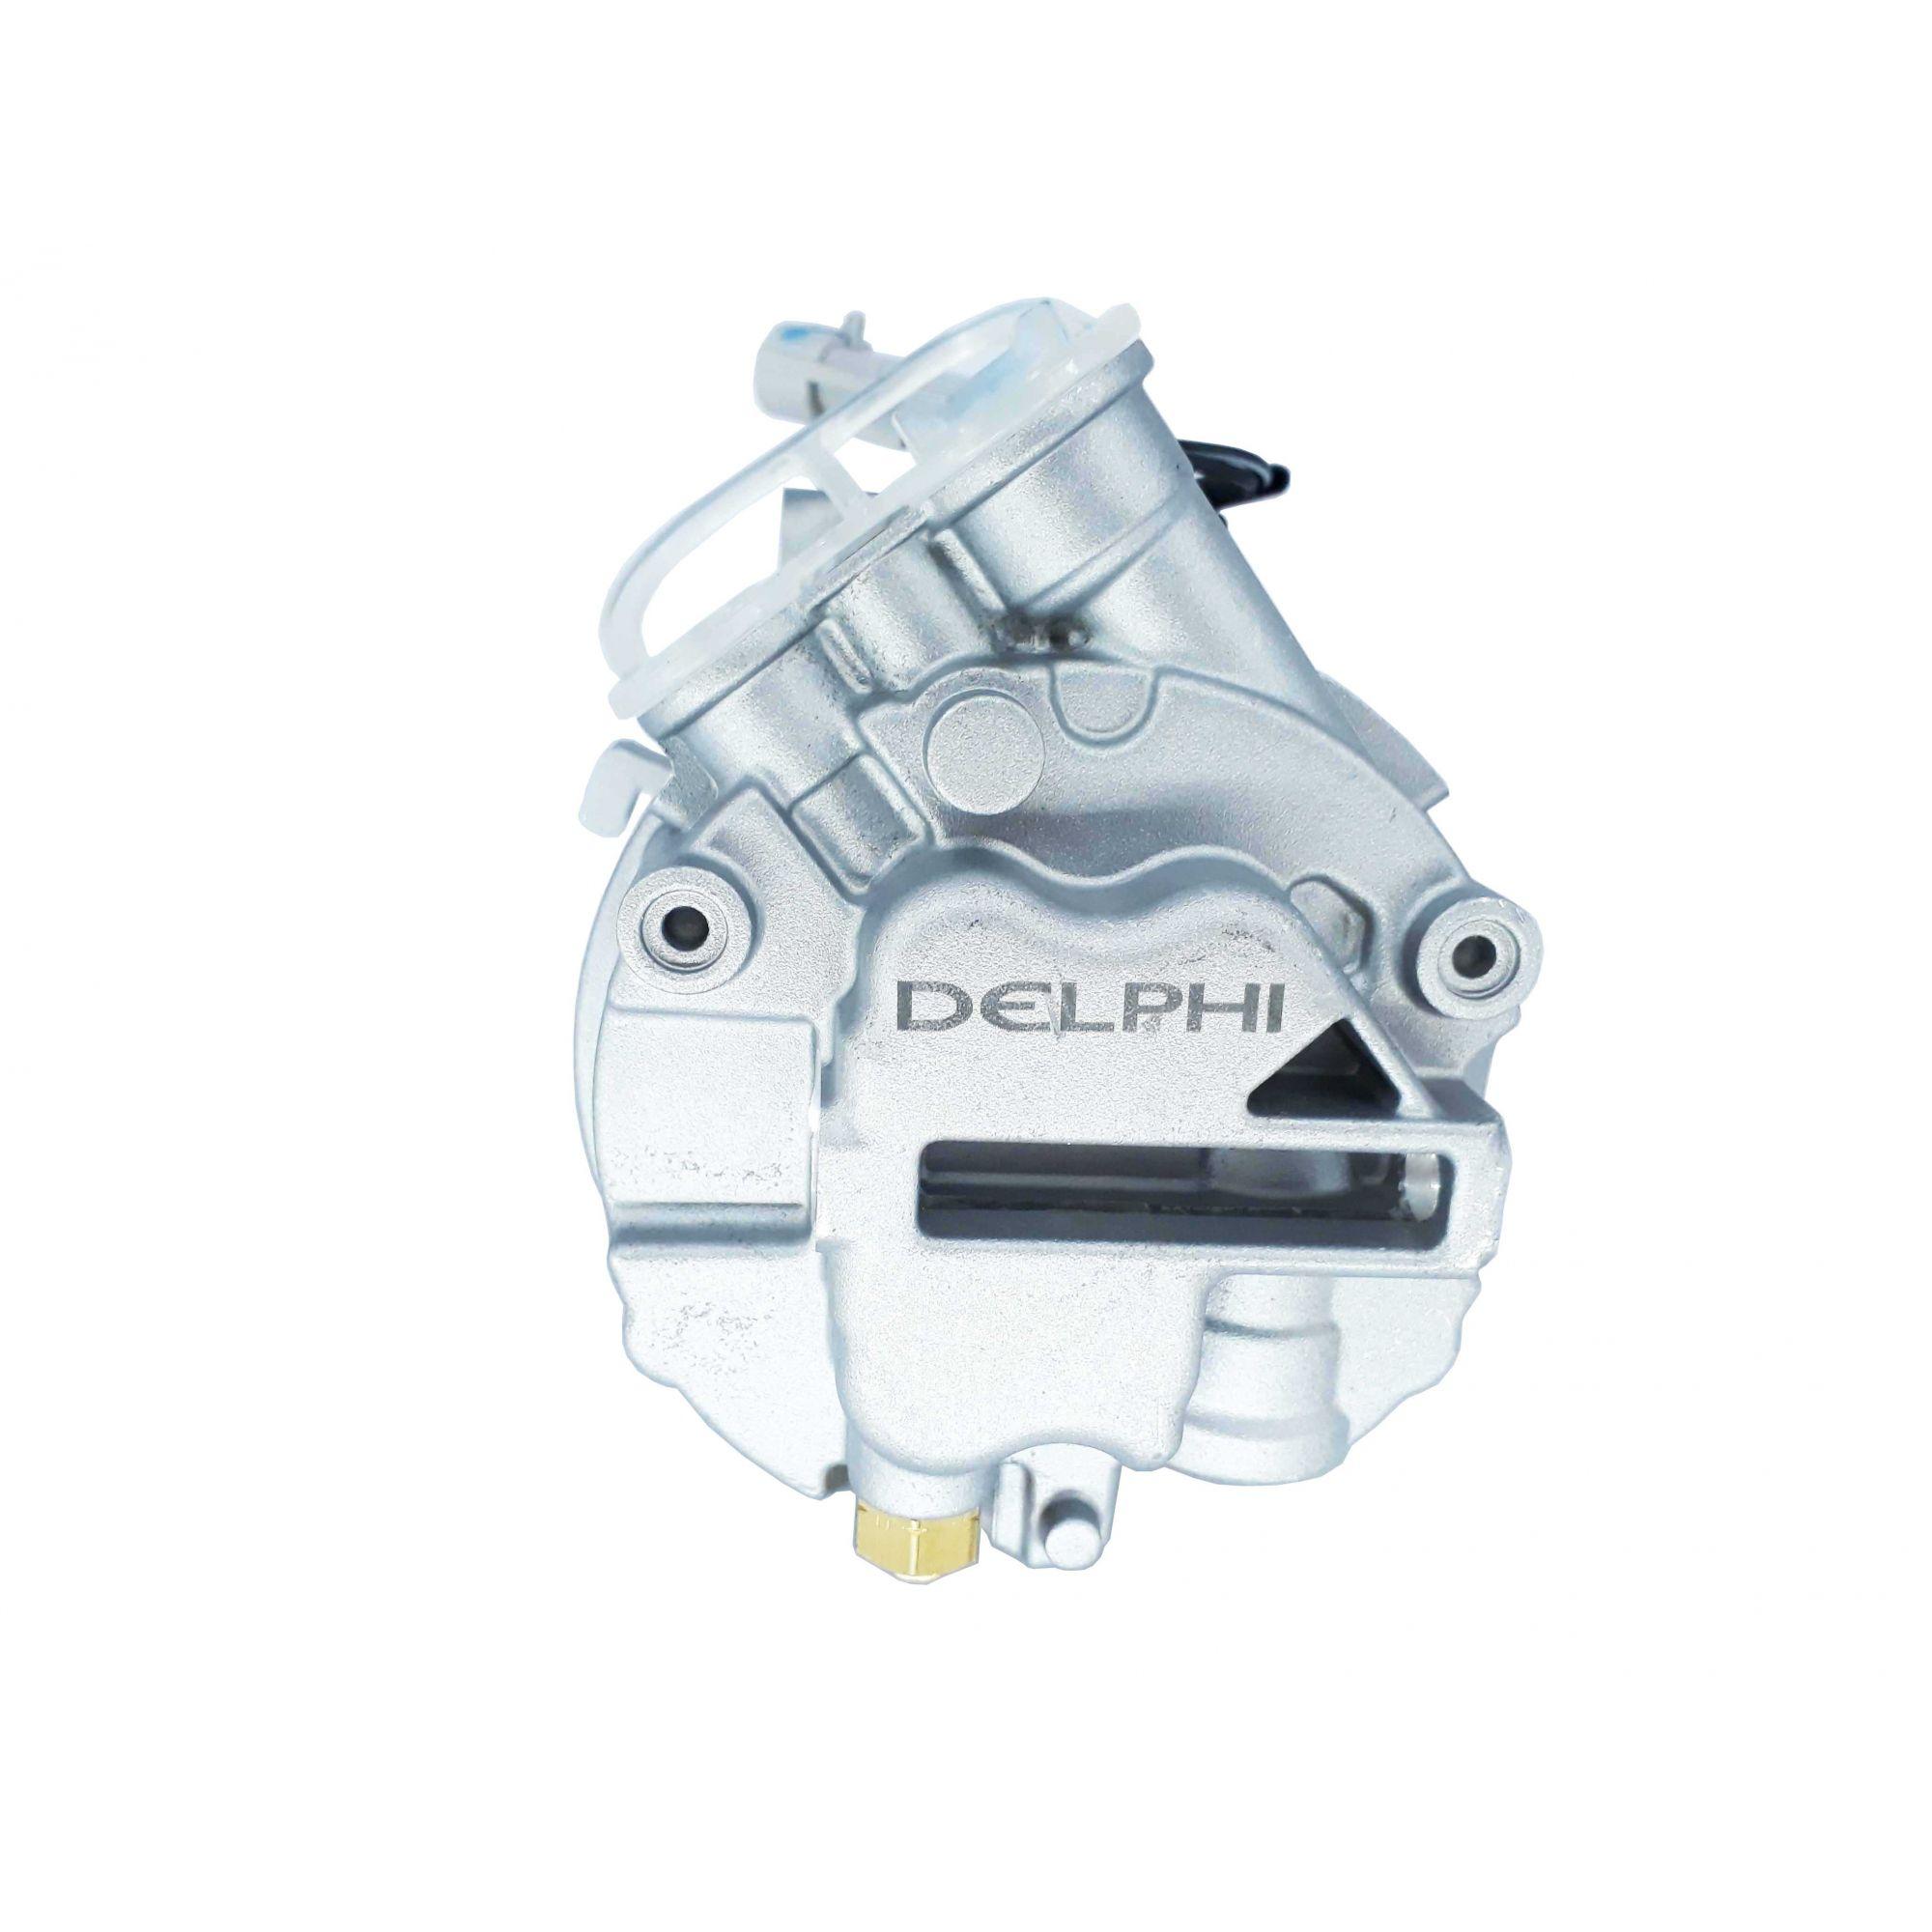 Compressor Strada - Corsa - Palio – Stilo – Doblo – Montana 1.0 – 1.4 – 1.8 - CS10040 Original Delphi